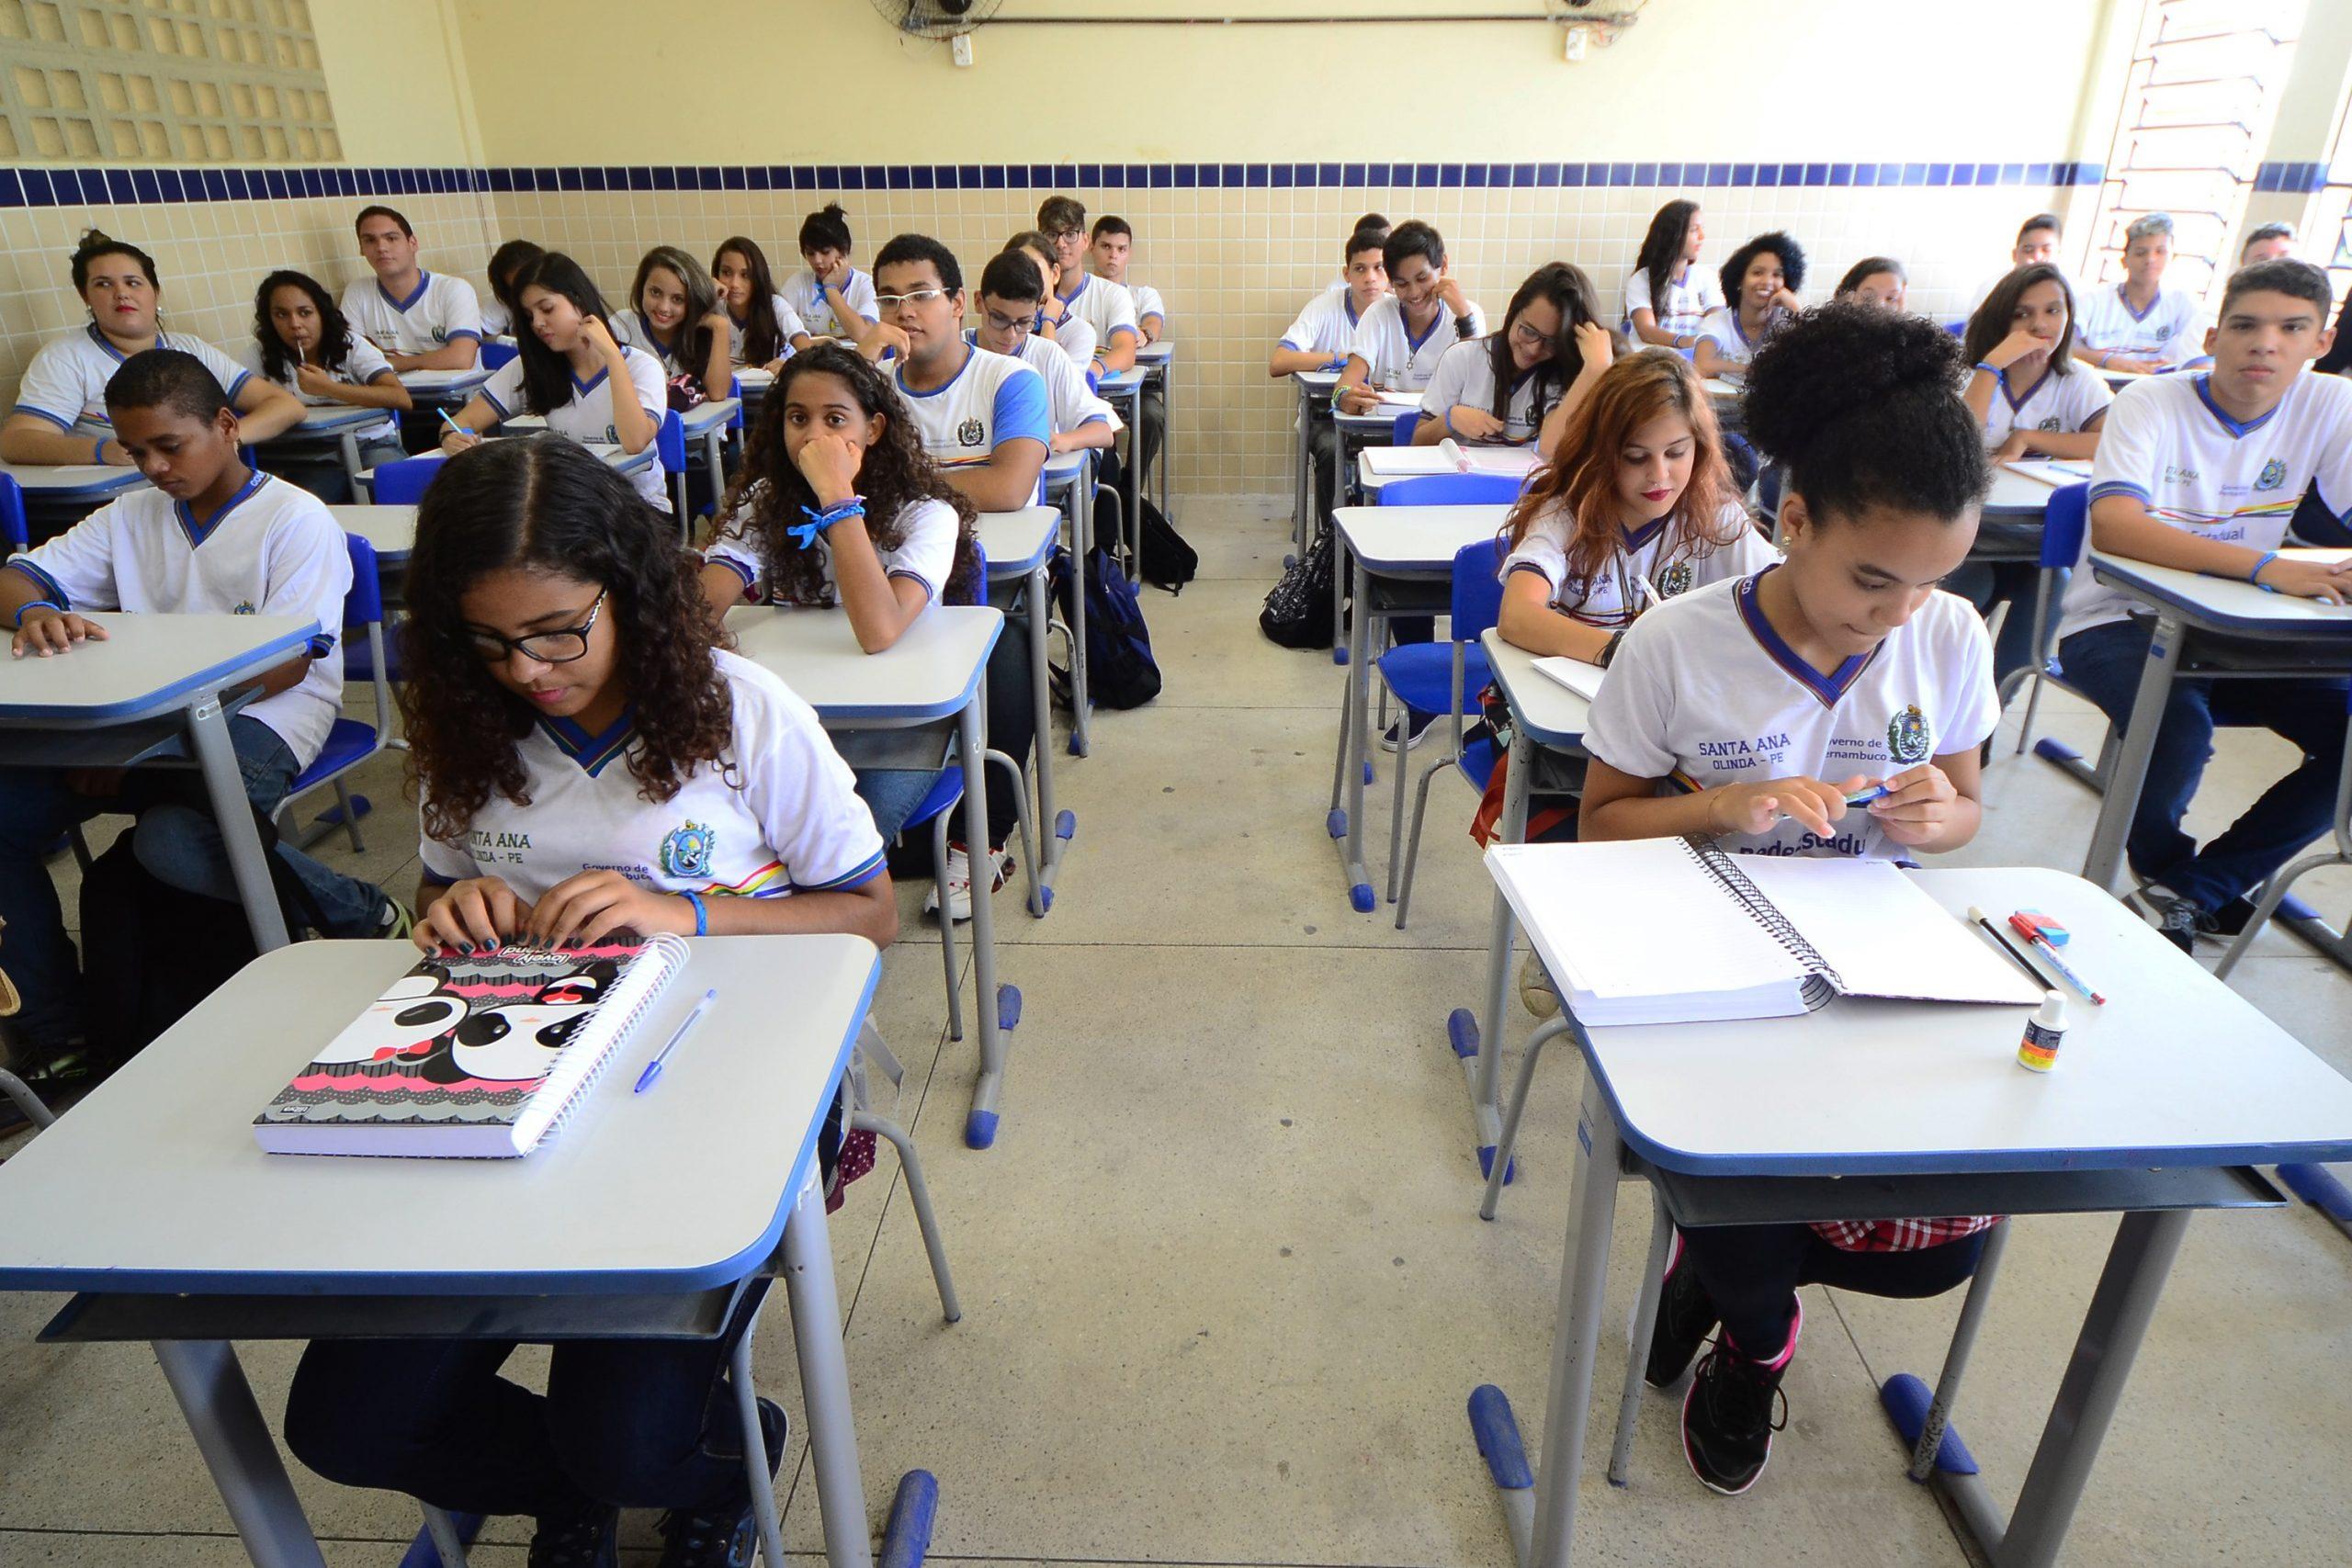 Aulas presenciais para educação infantil e ensino fundamental continuarão suspensas em PE até 31 de outubro